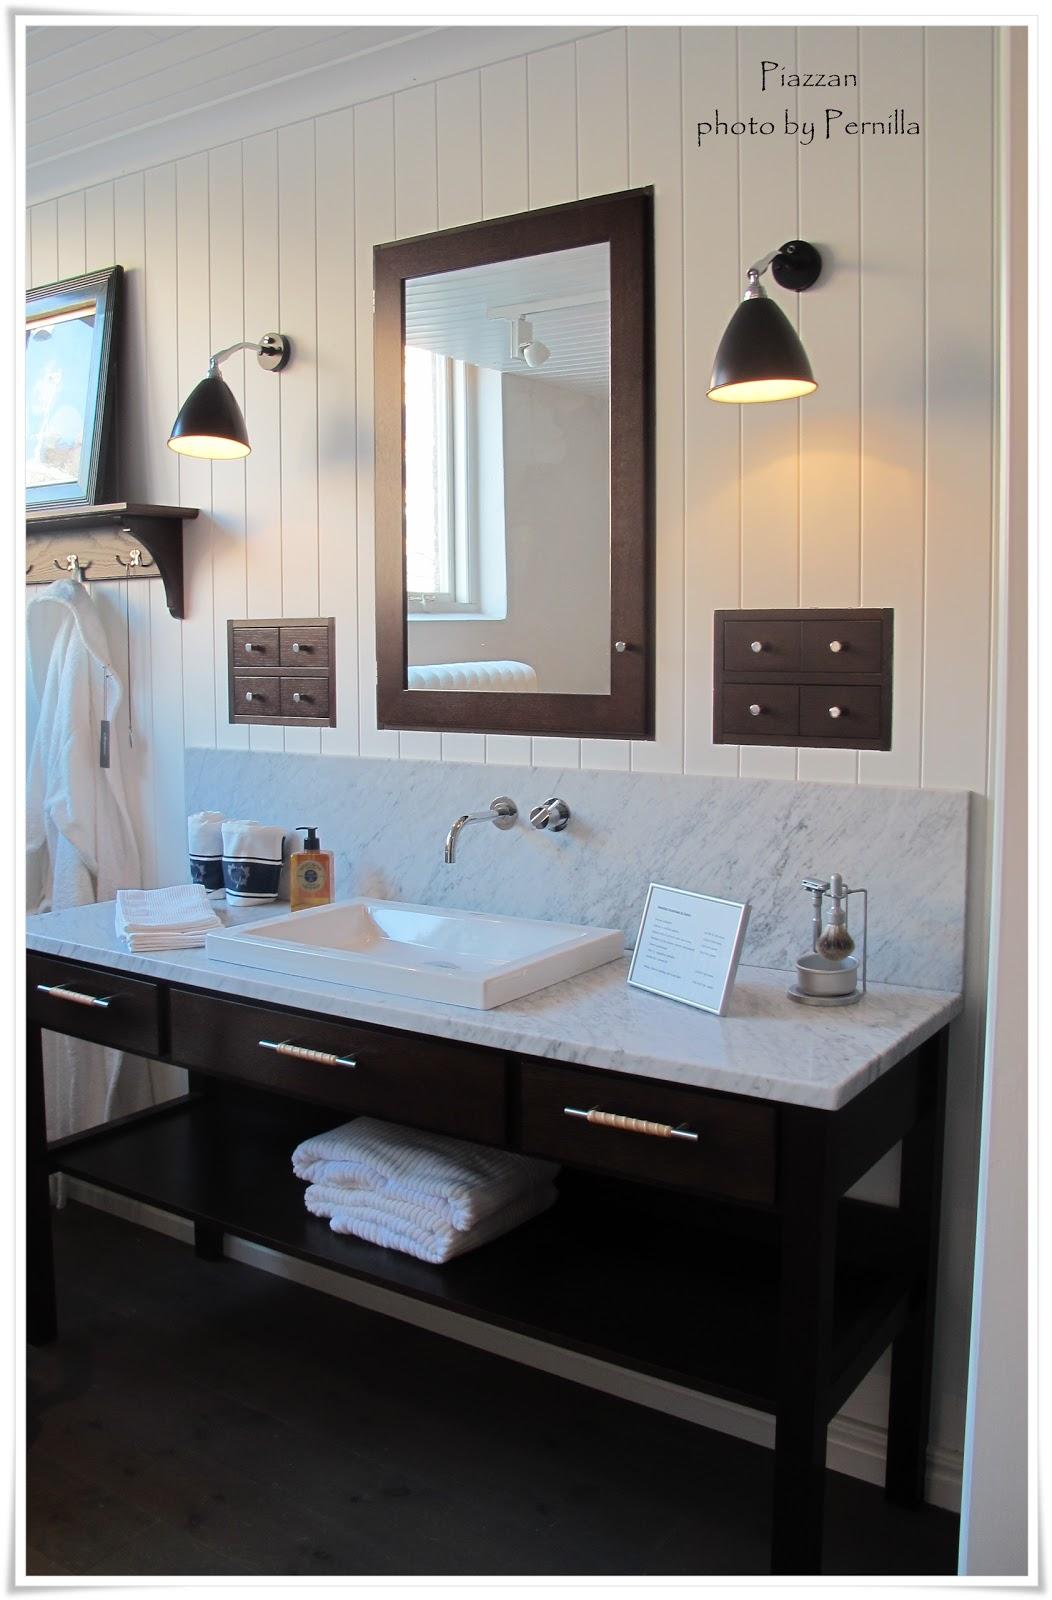 Piazzan: Carrarmarmor och snyggt badrum